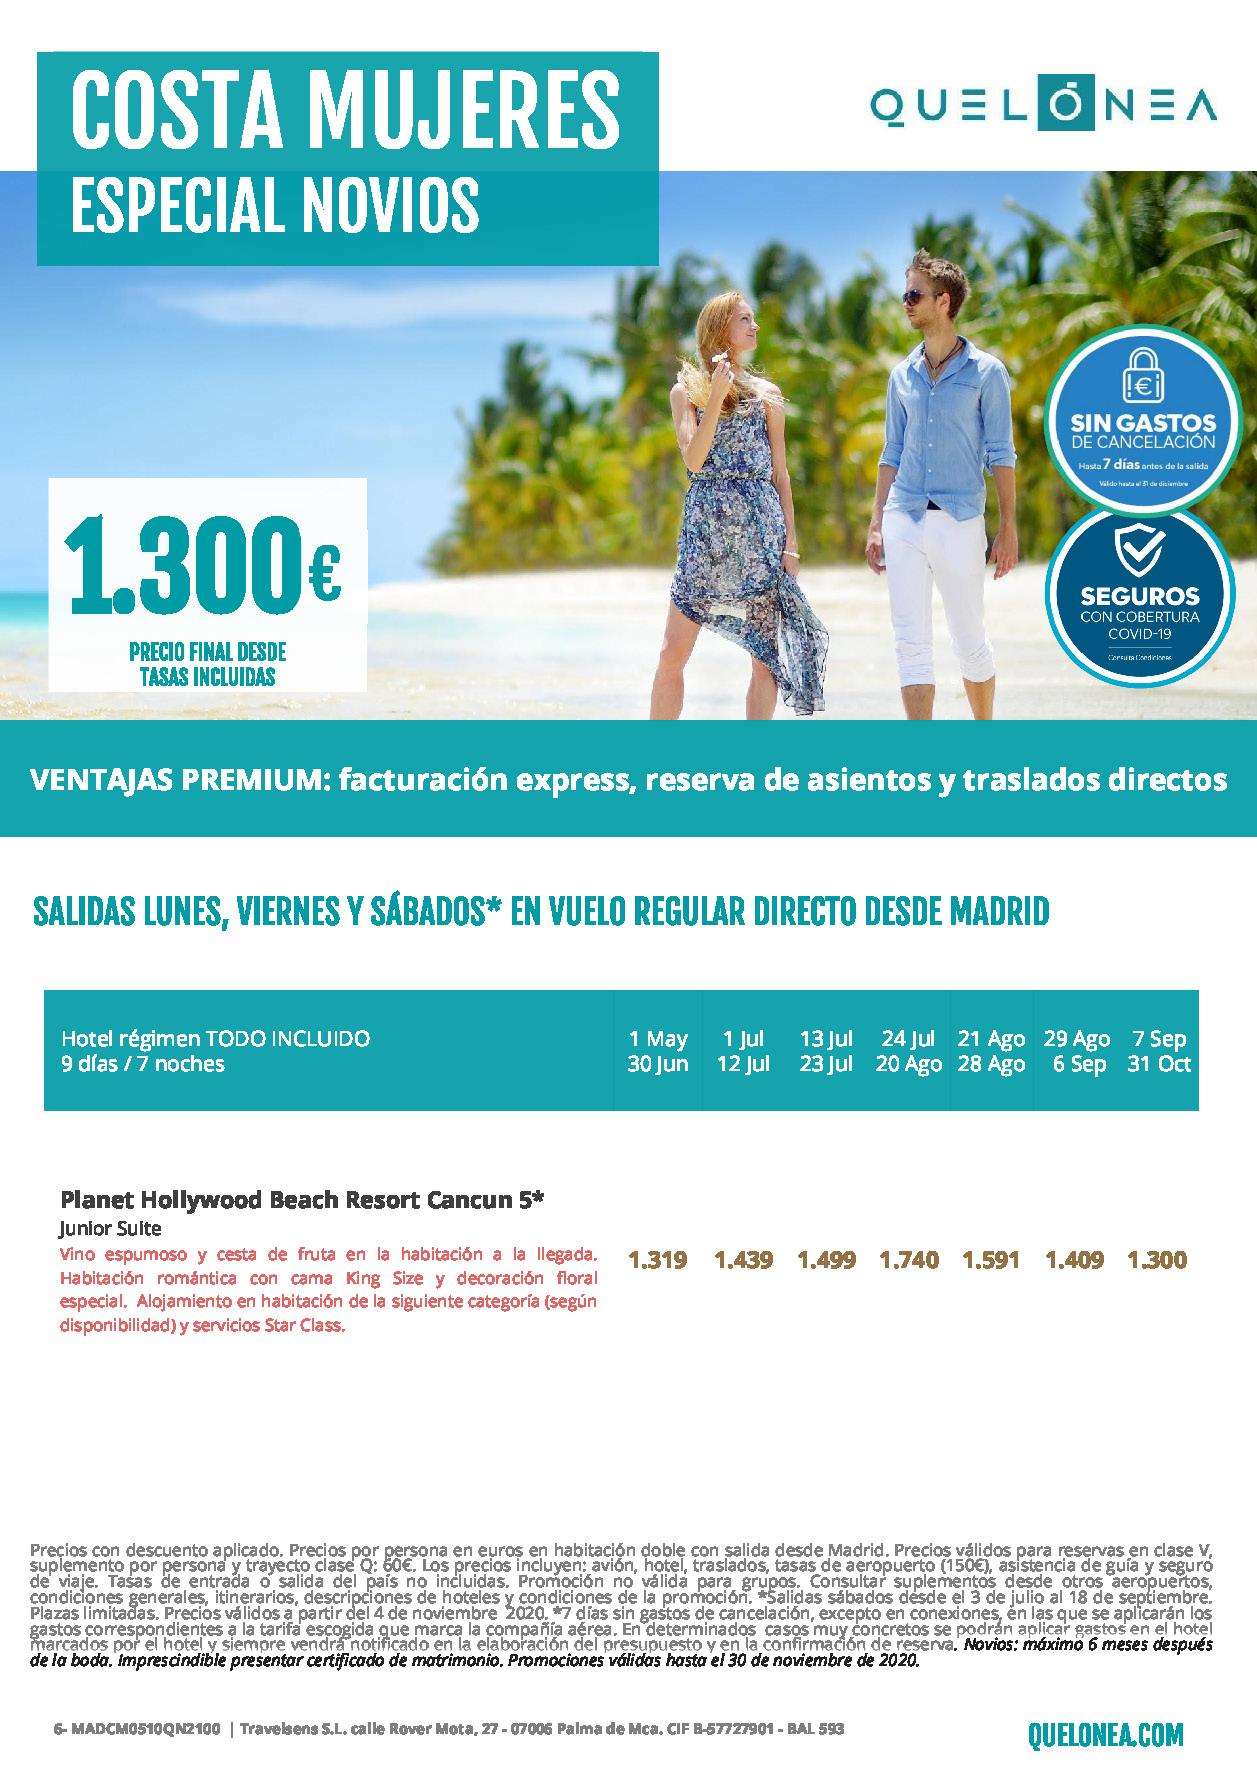 Oferta Quelonea Novios Costa Mujeres Mexico Verano 2021 vuelo directo desde Madrid